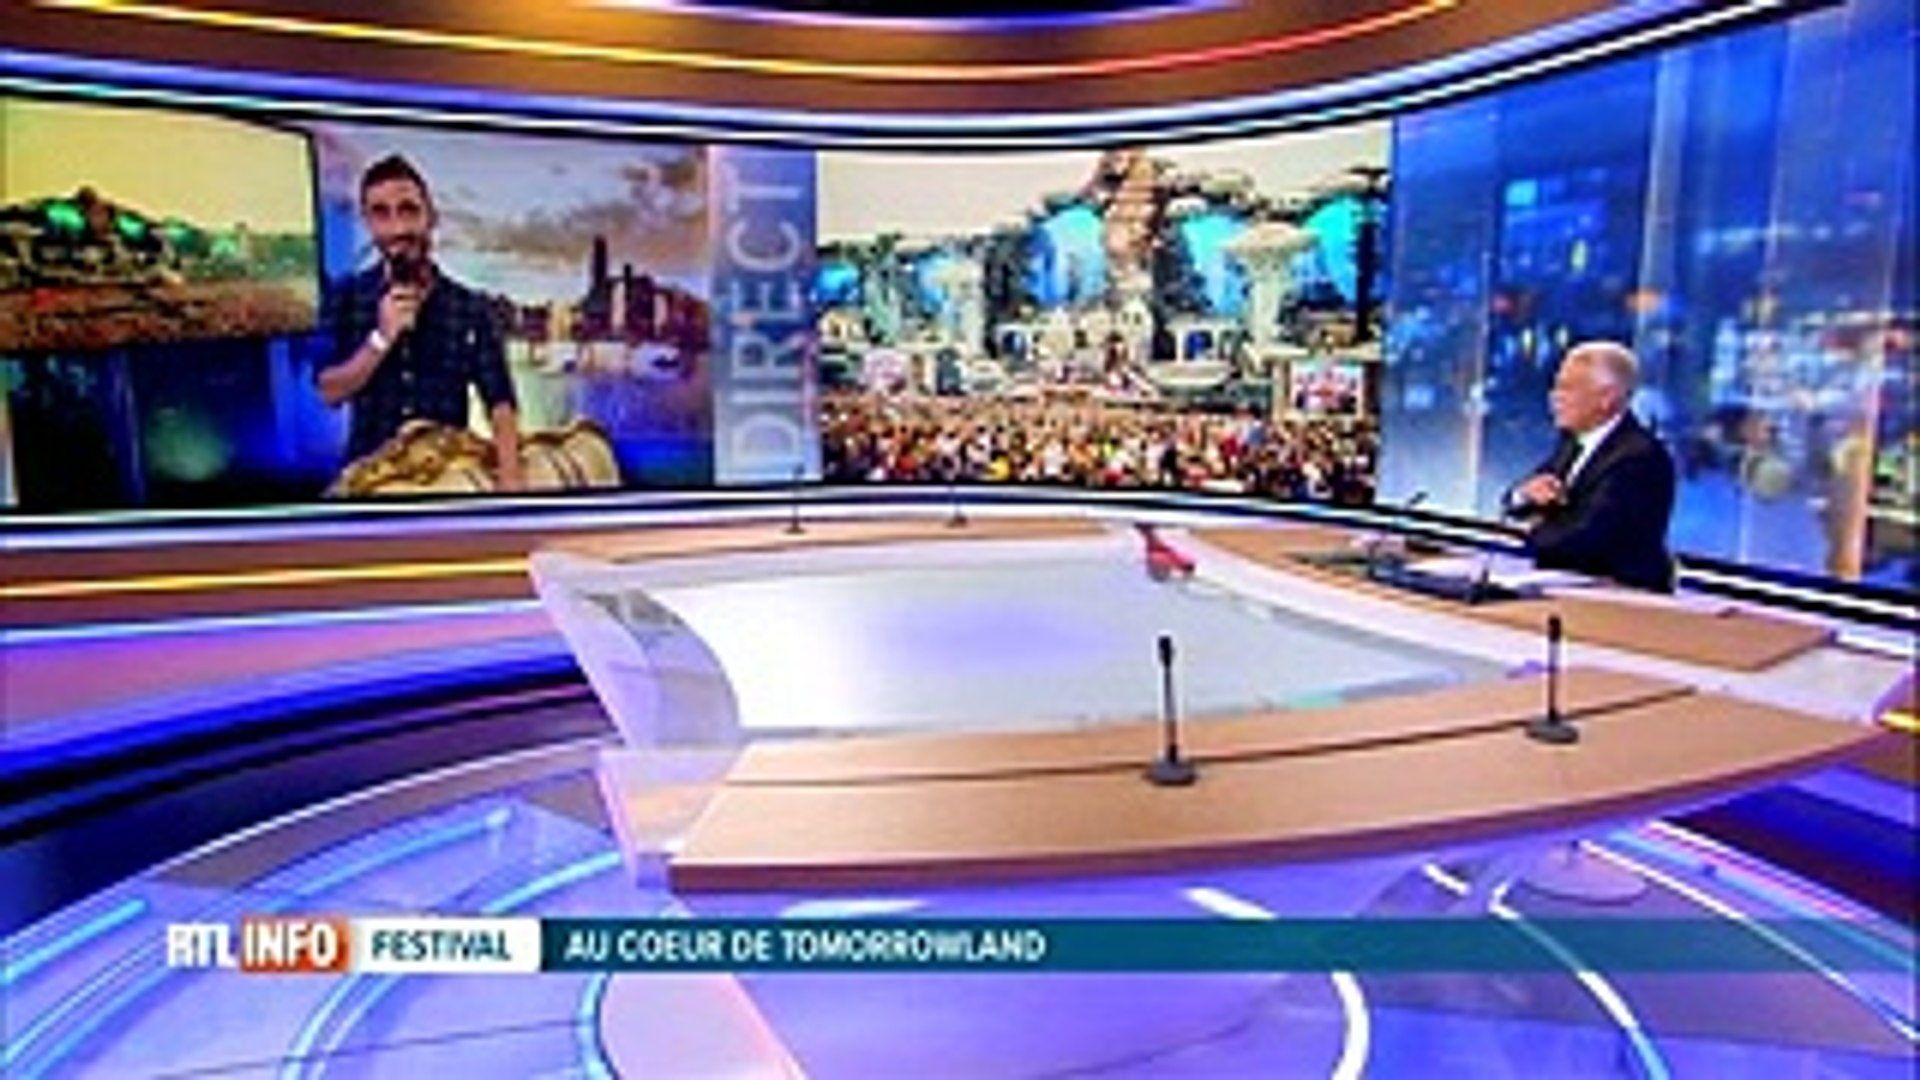 Infos en direct de la 2e journée de Tomorrowland